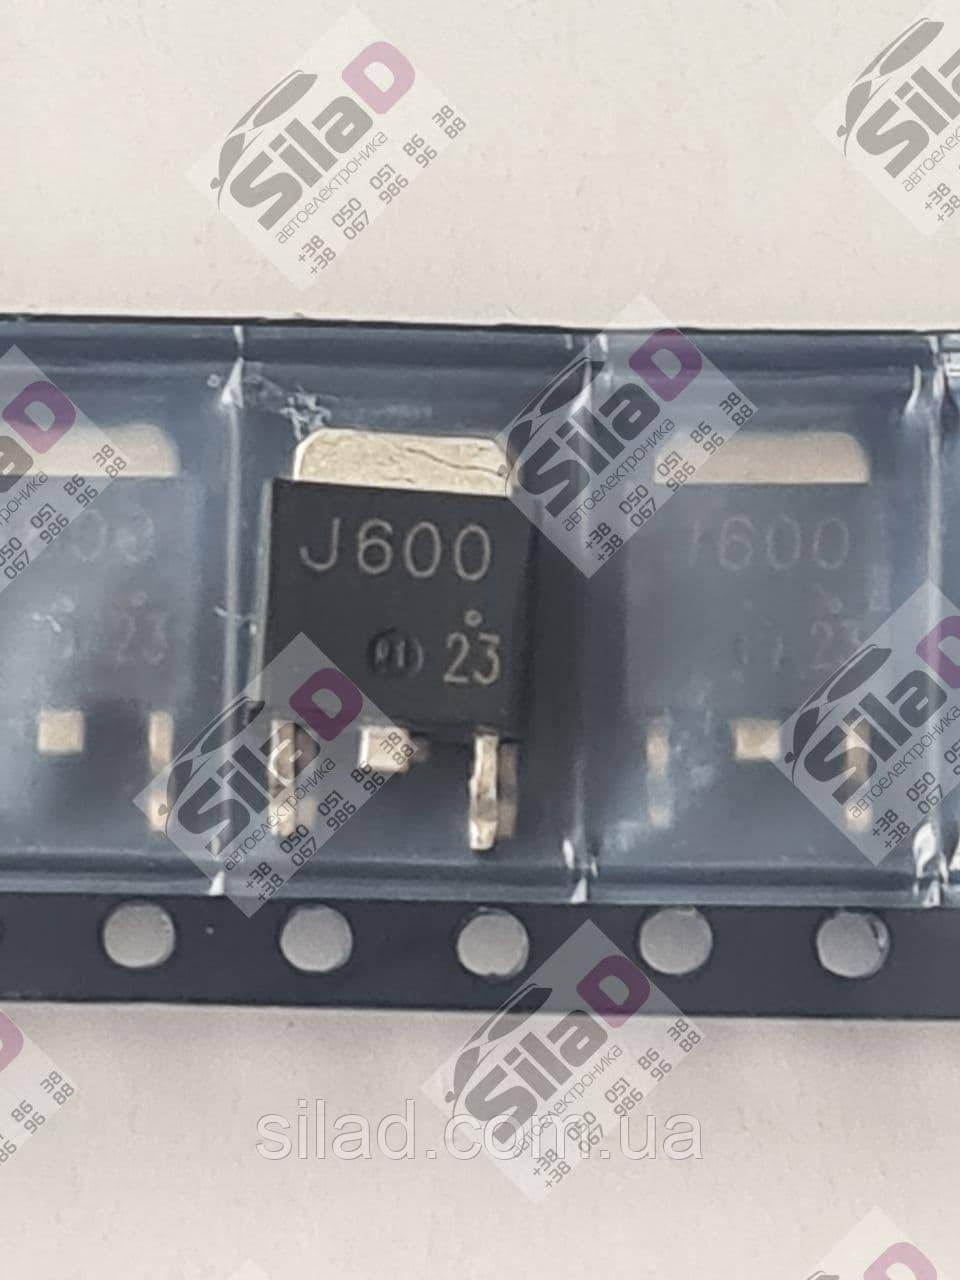 Транзистор 2SJ600 J600 NEC корпус TO-252